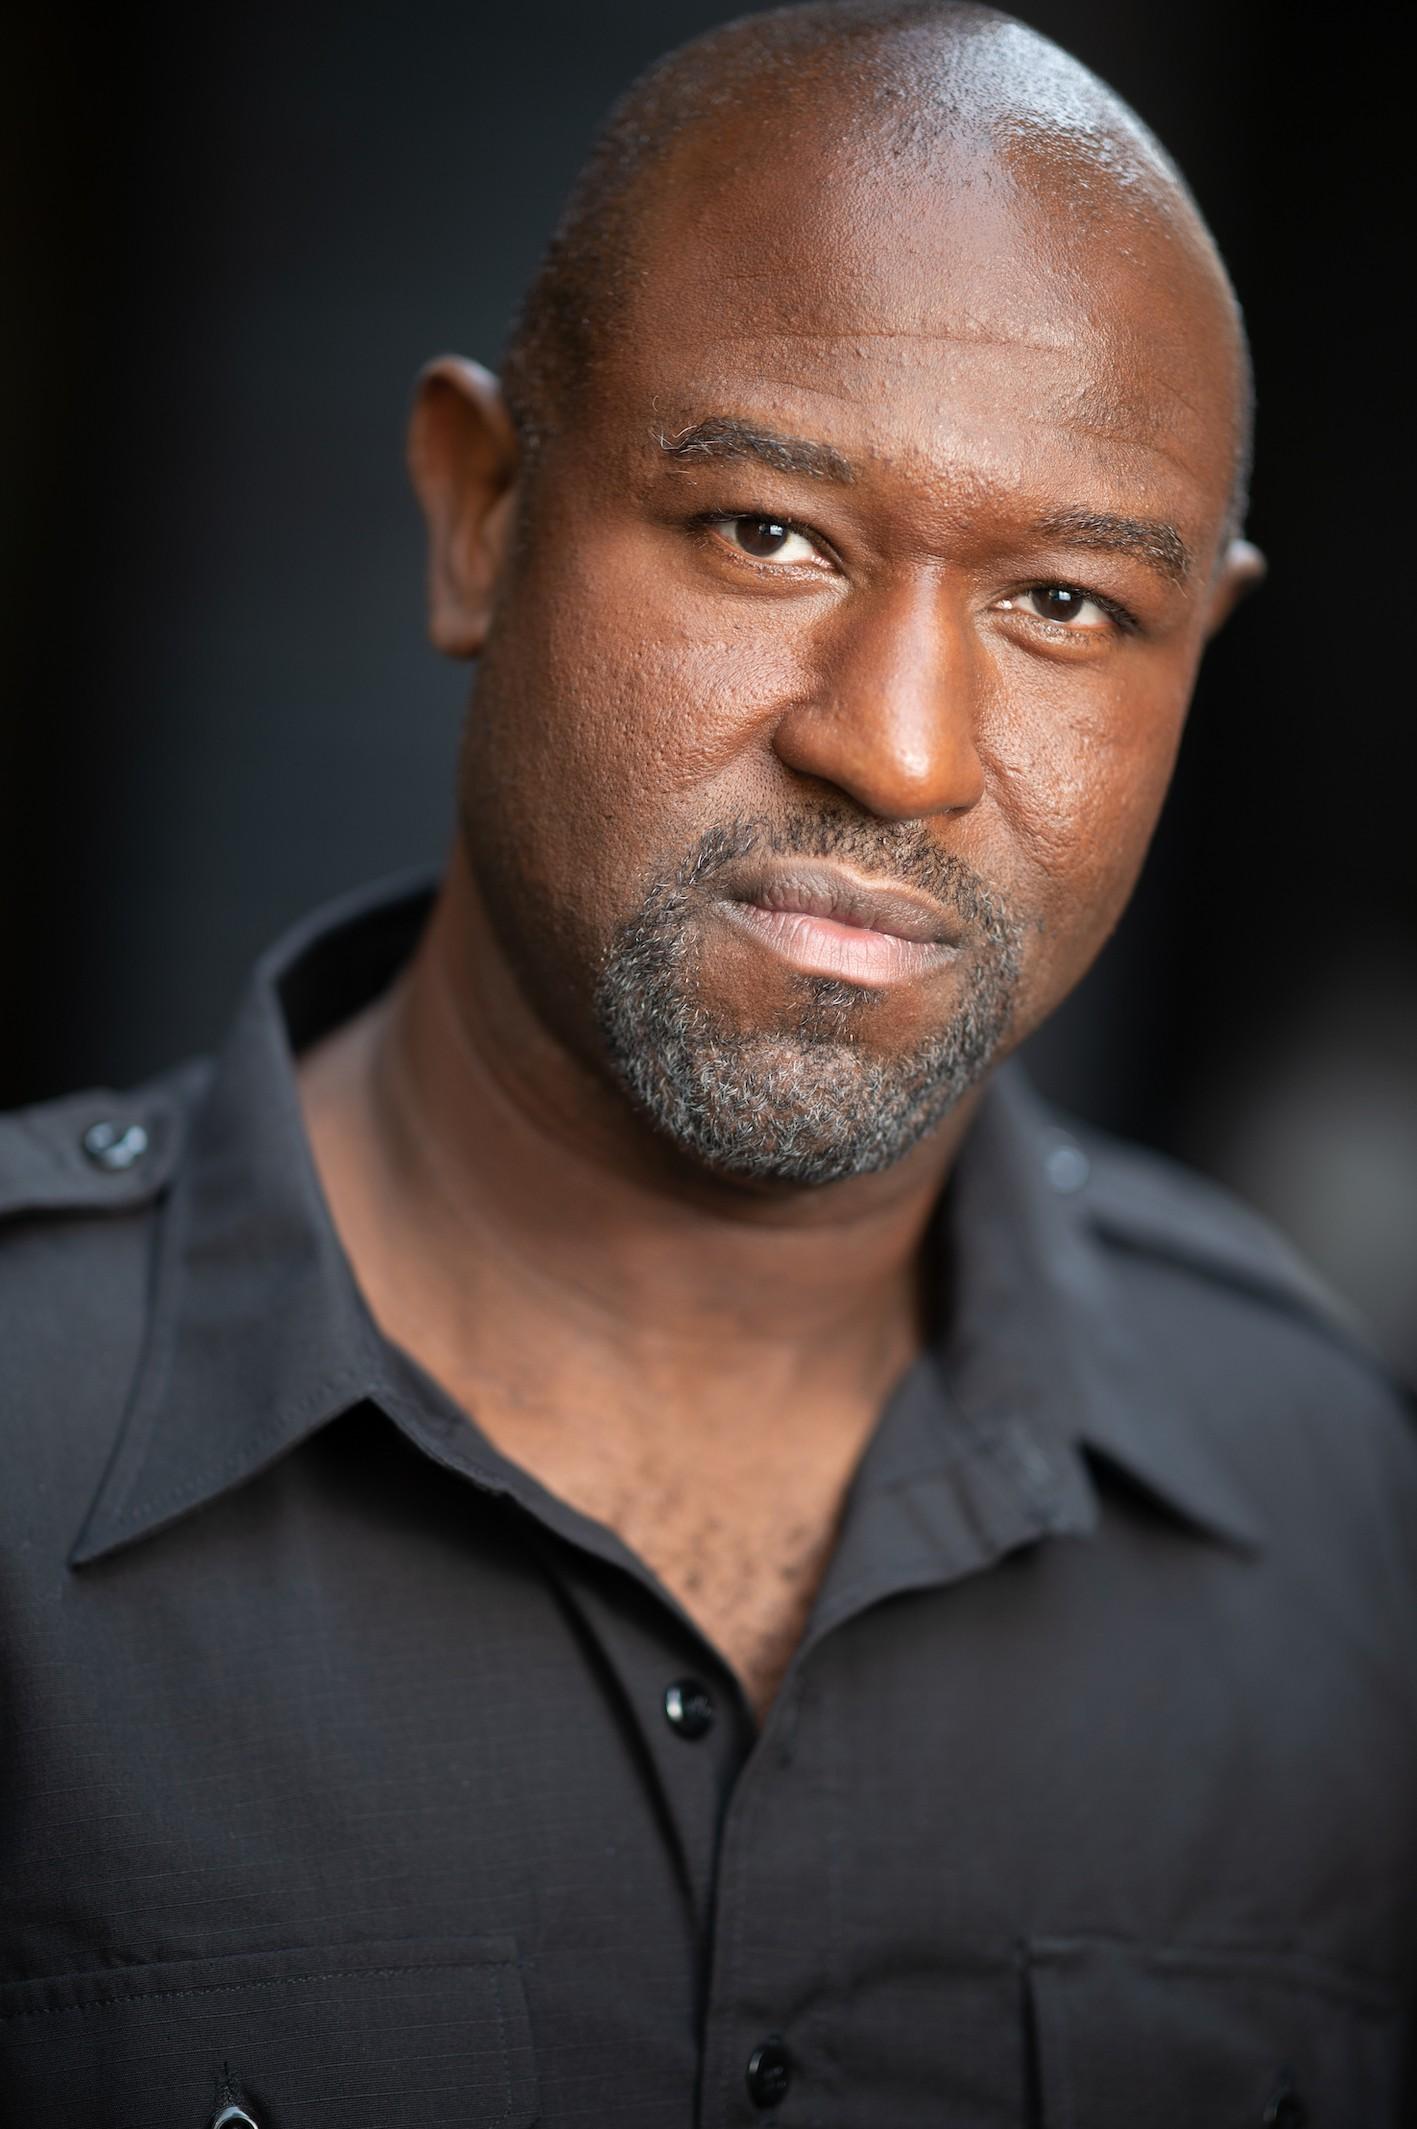 Tyrone L. Robinson